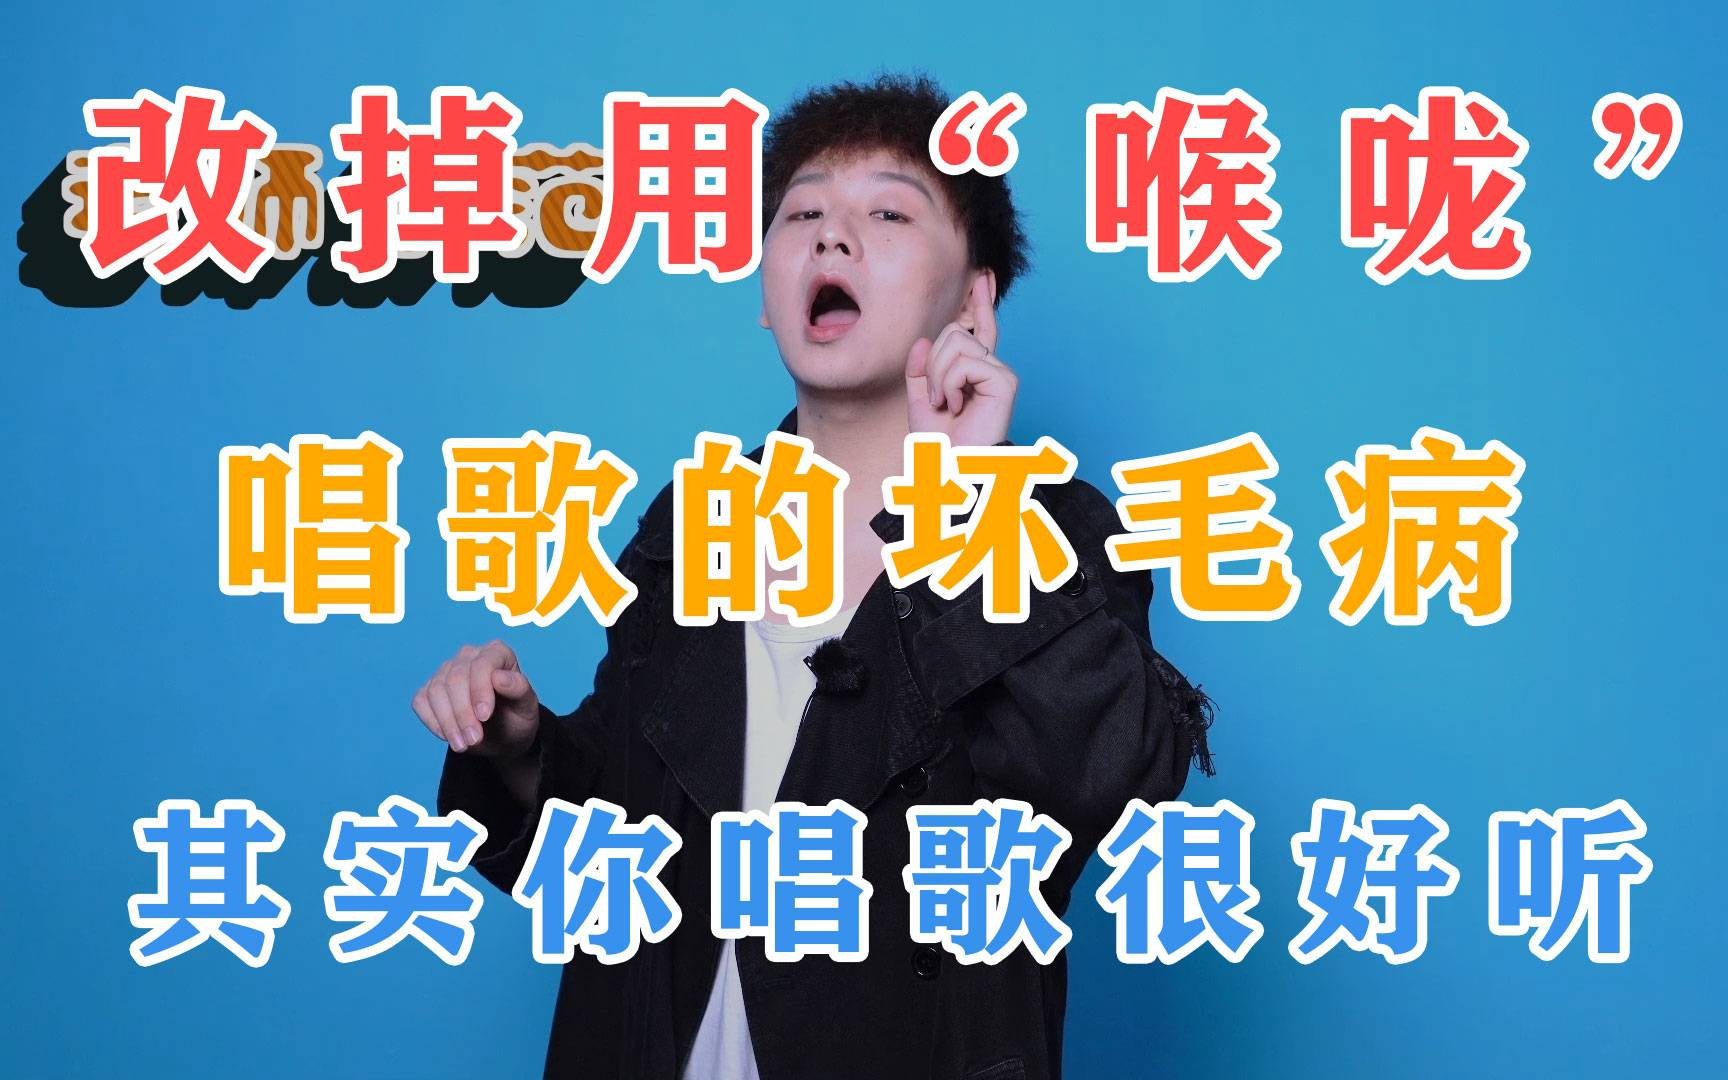 """学会两招改掉用""""喉咙""""唱歌的坏习惯,其实你唱歌很好听"""